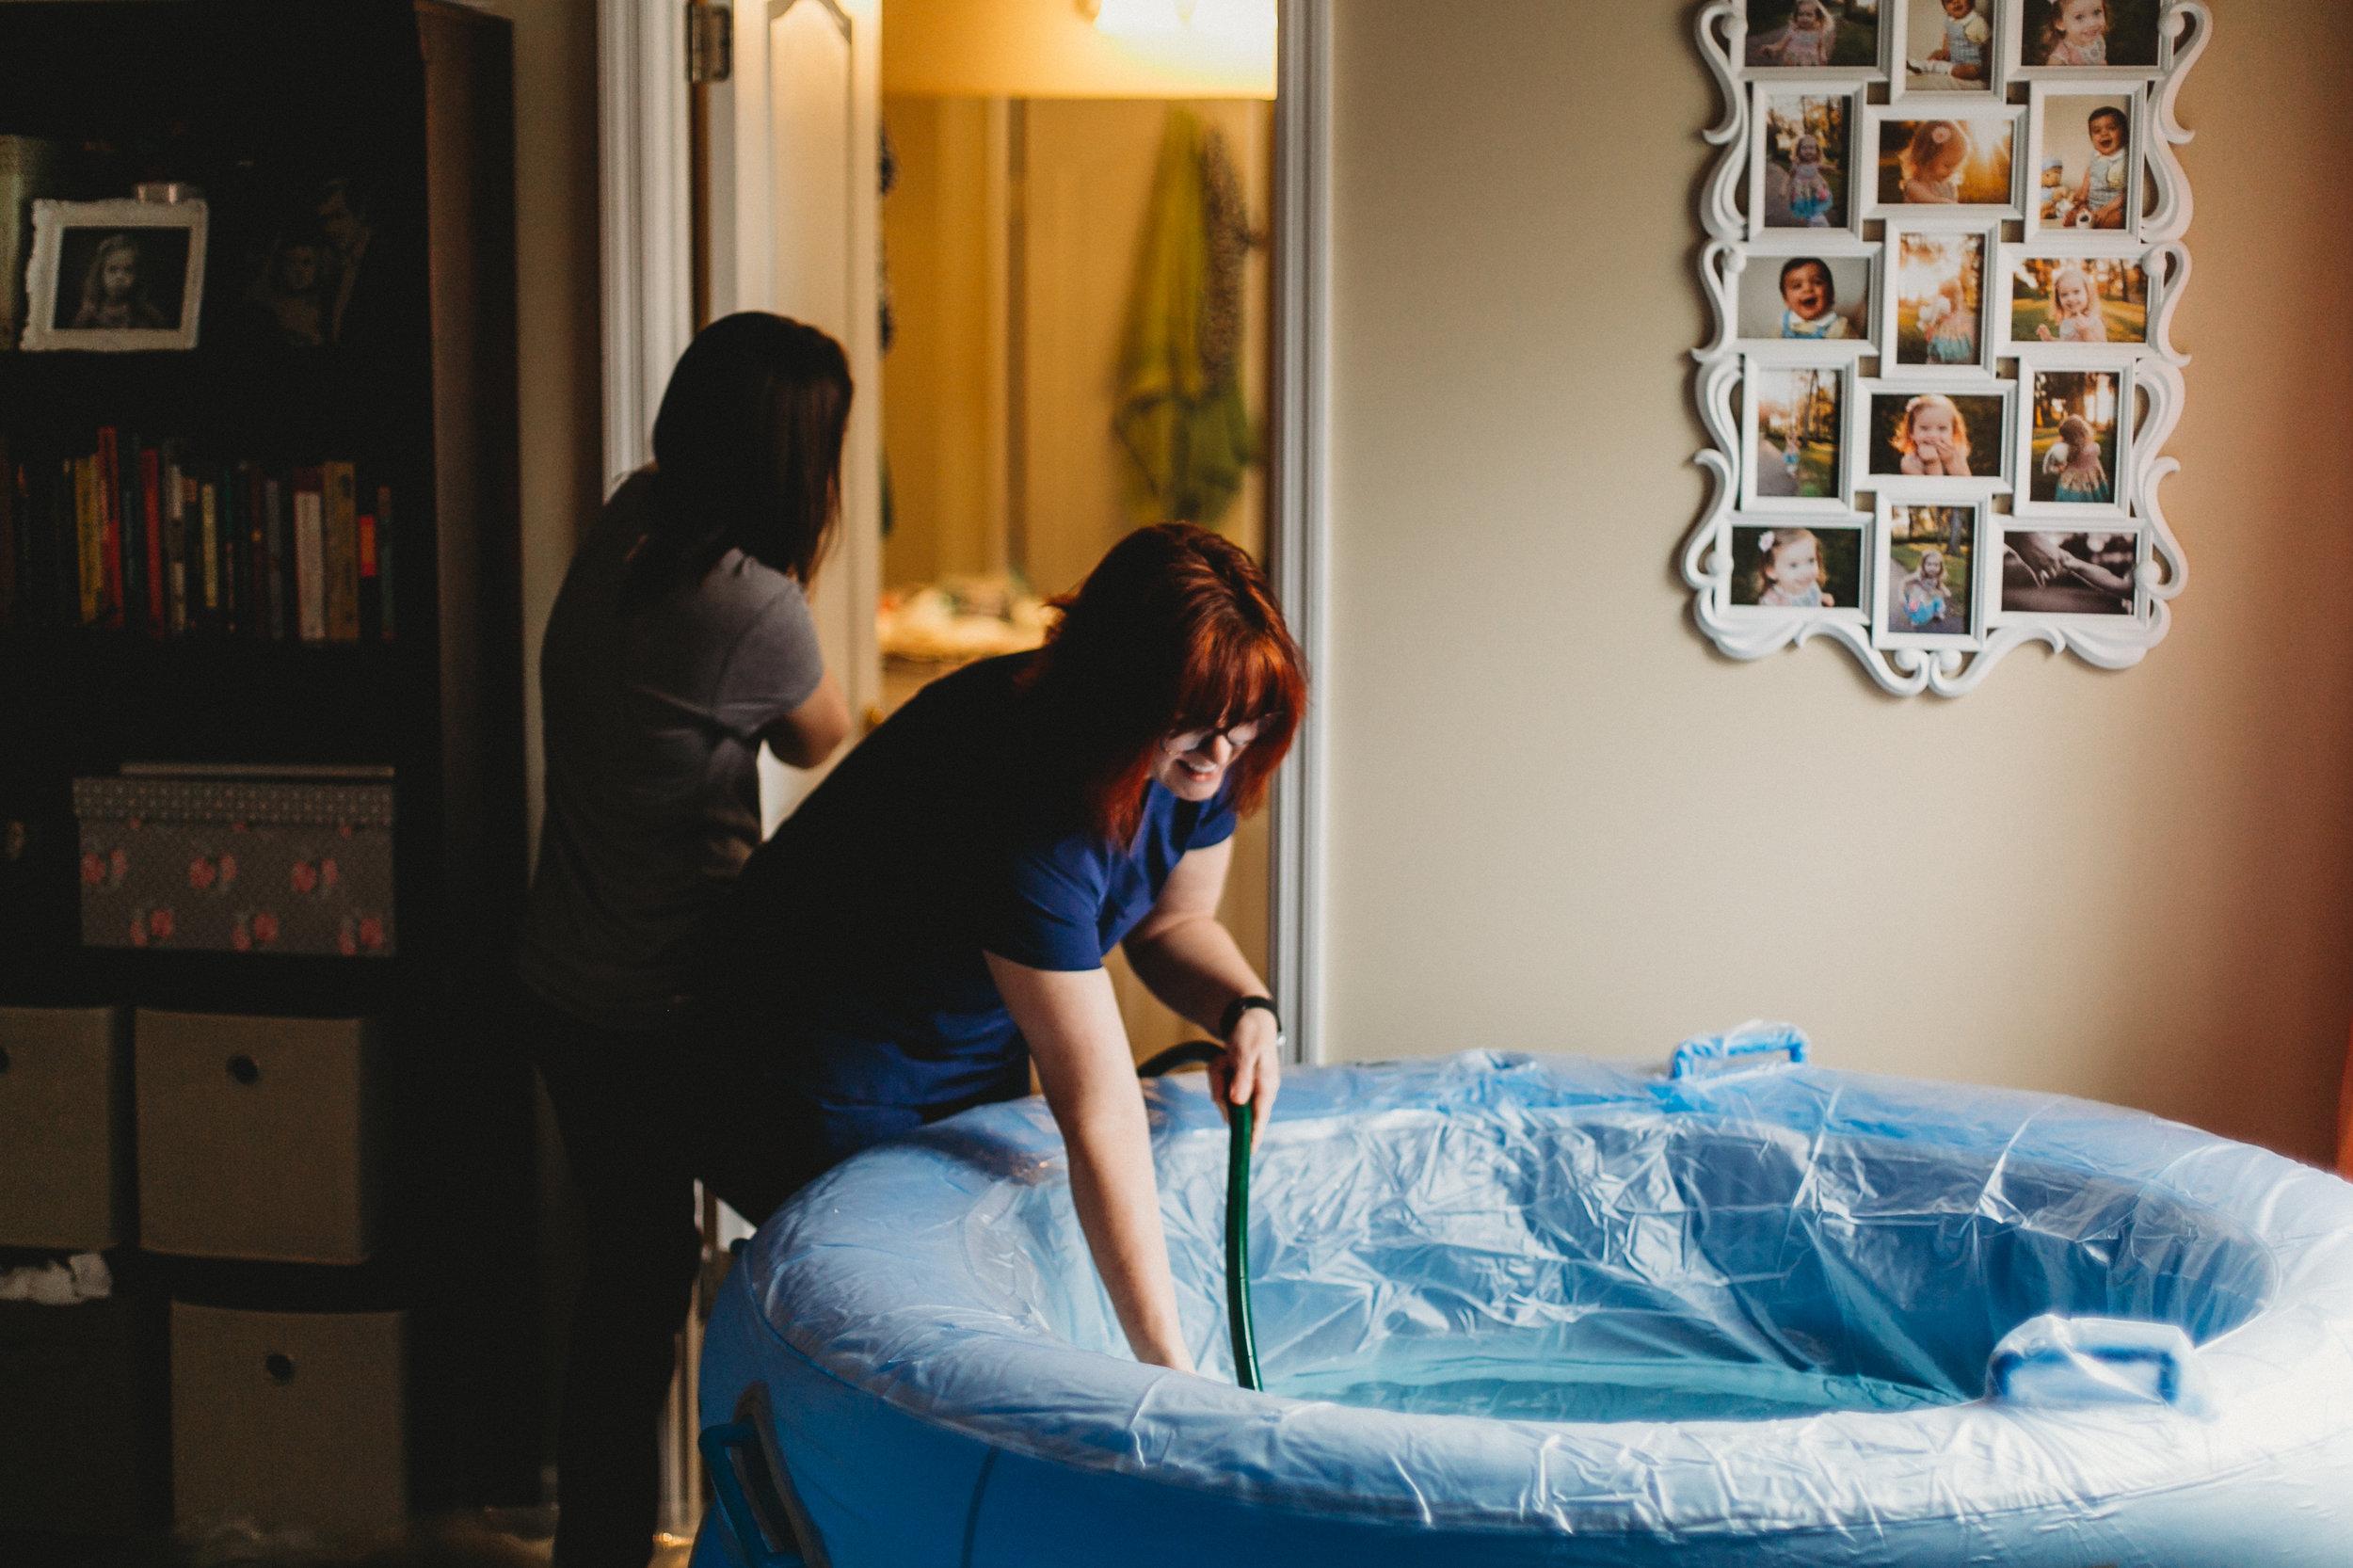 Preparing the birth tub